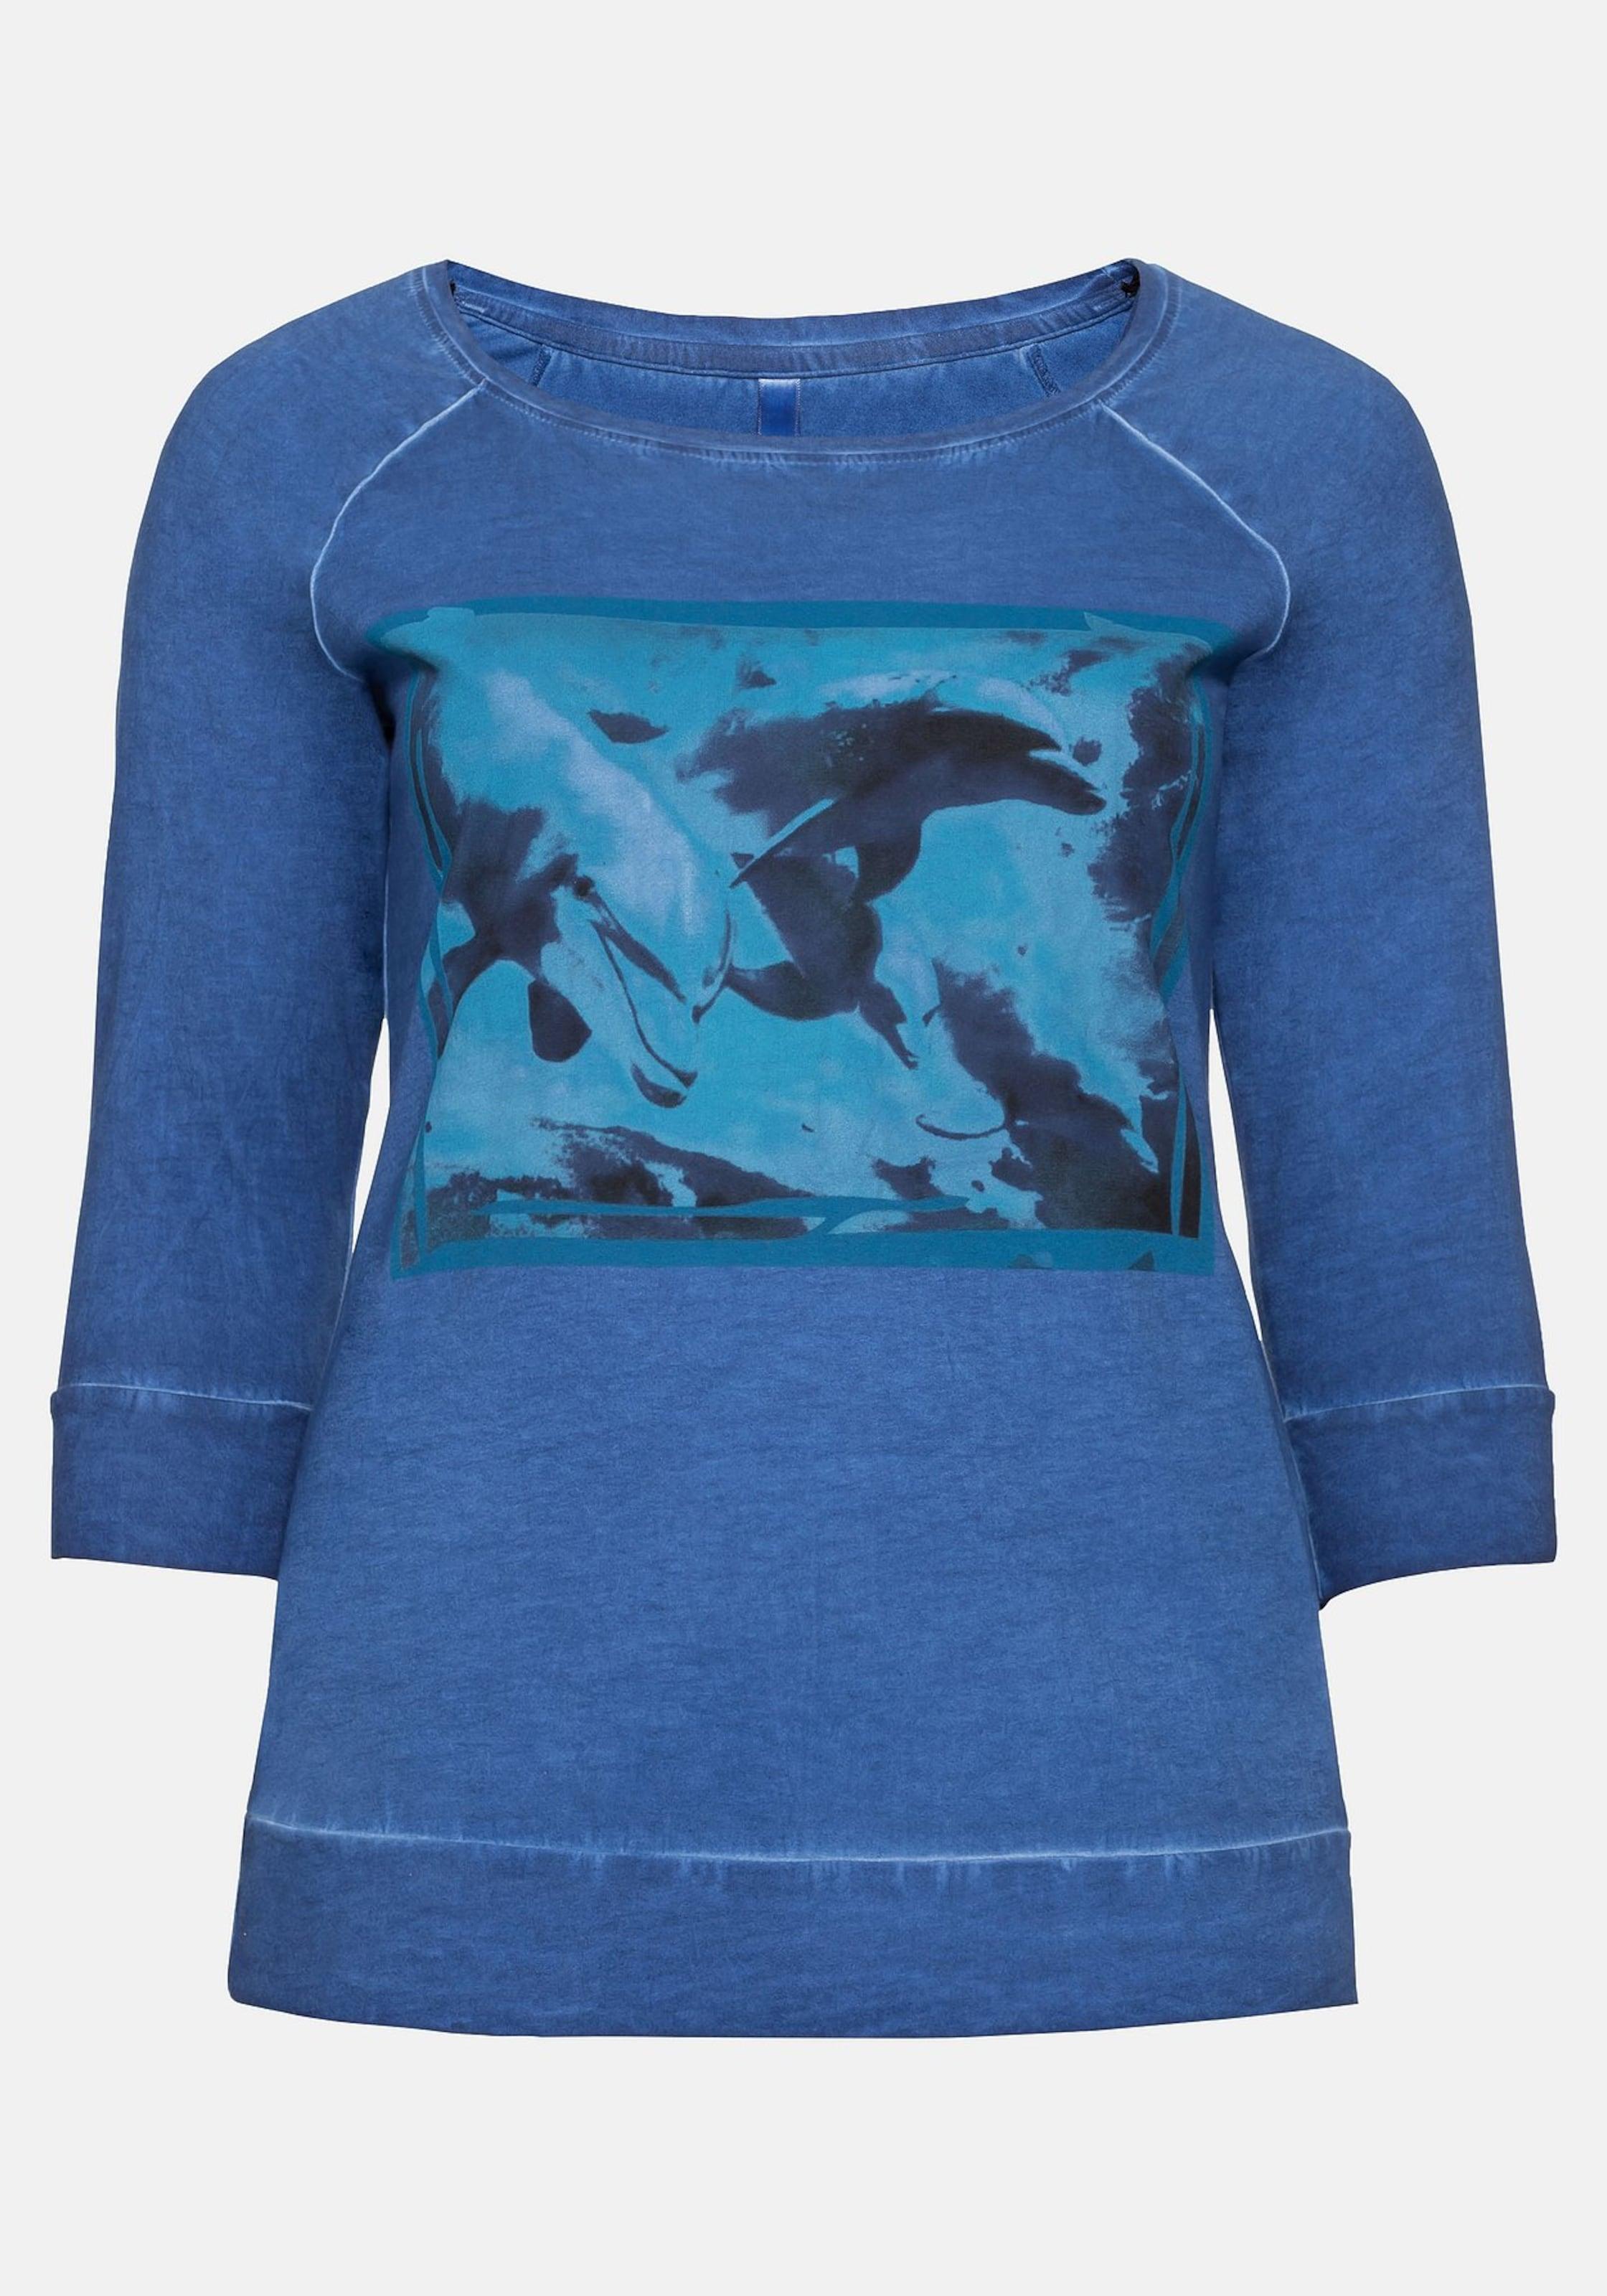 BlauMischfarben 3 In Sheego 4 arm shirt Mit Frontdruck eWE2H9IYD